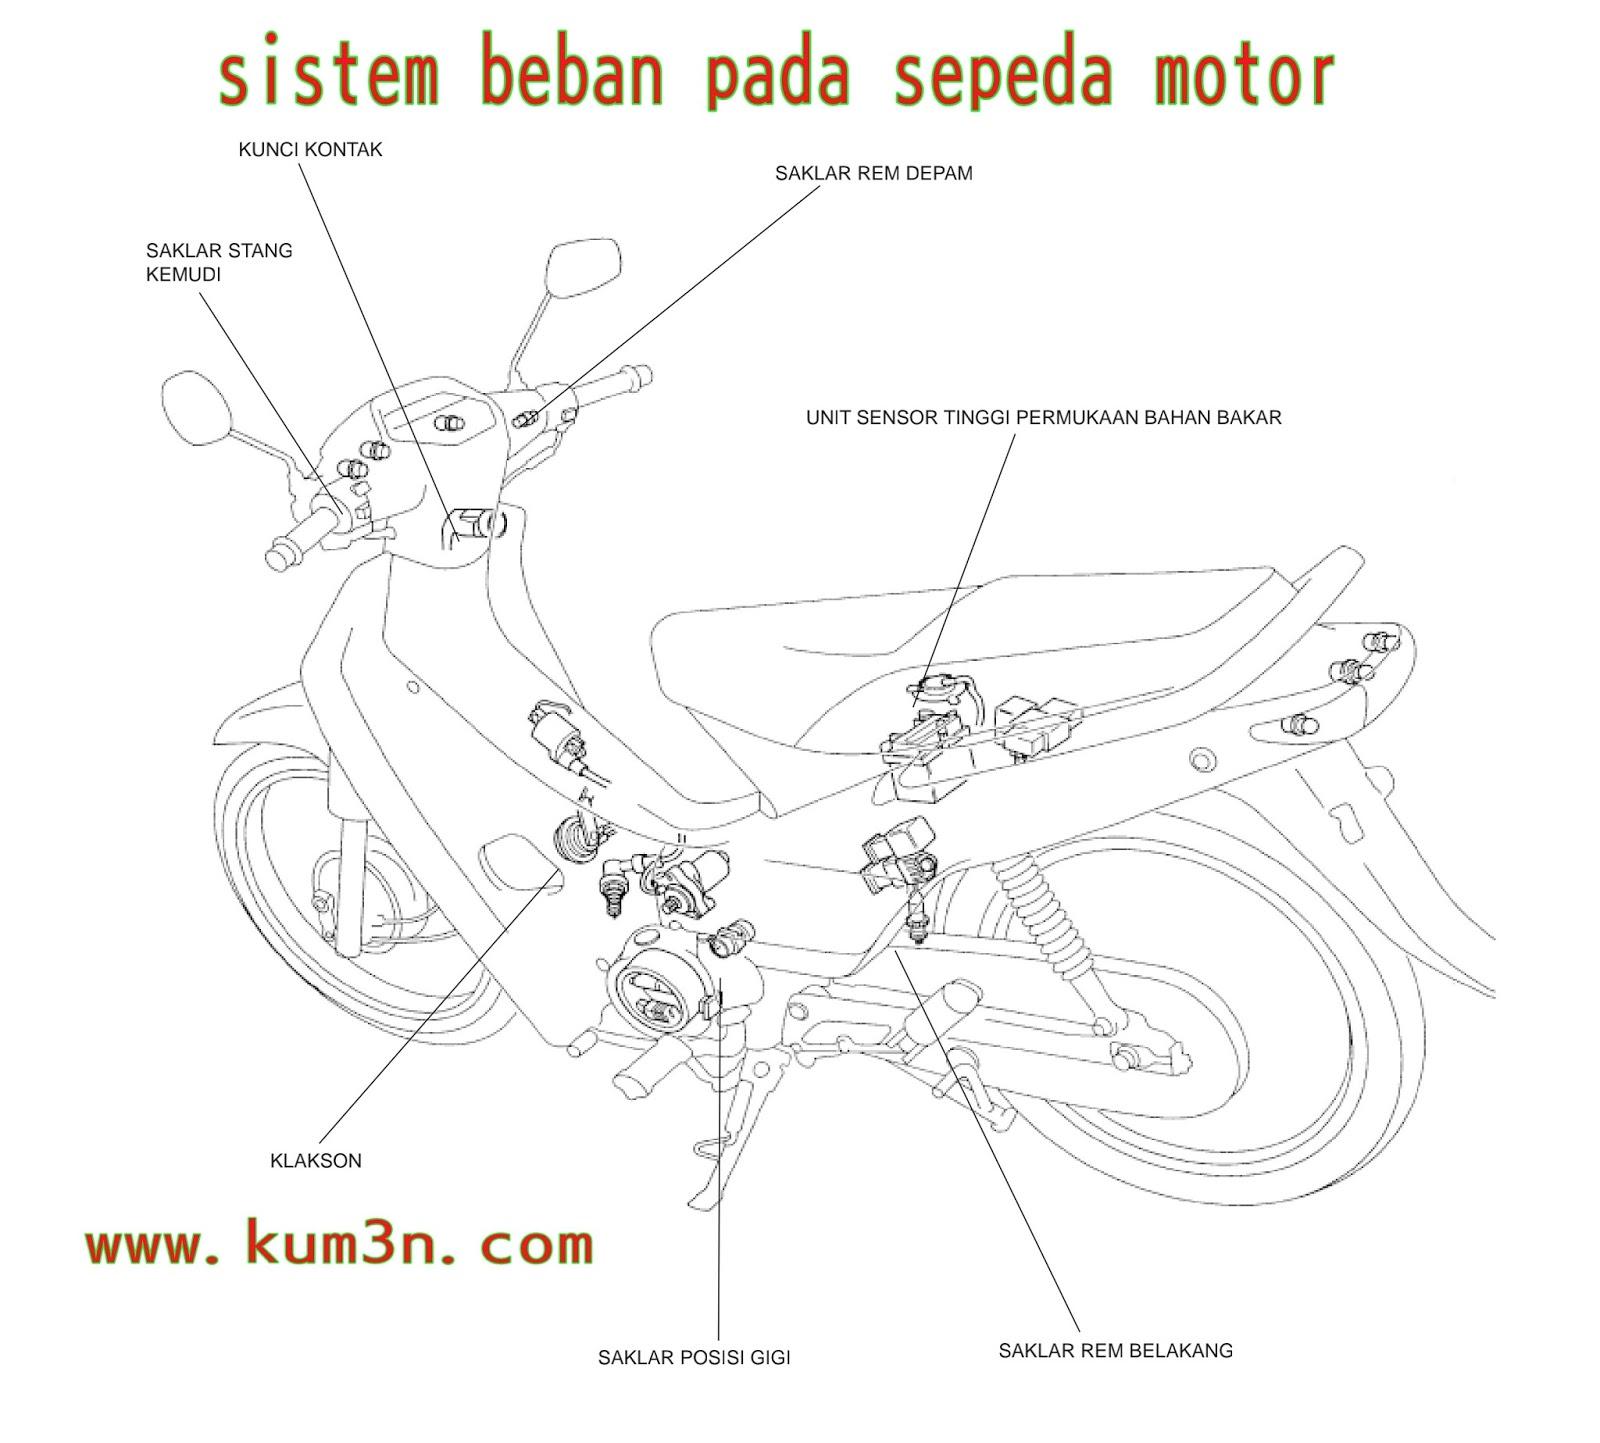 Pegenalan Sistem Beban Pada Sepeda Motor